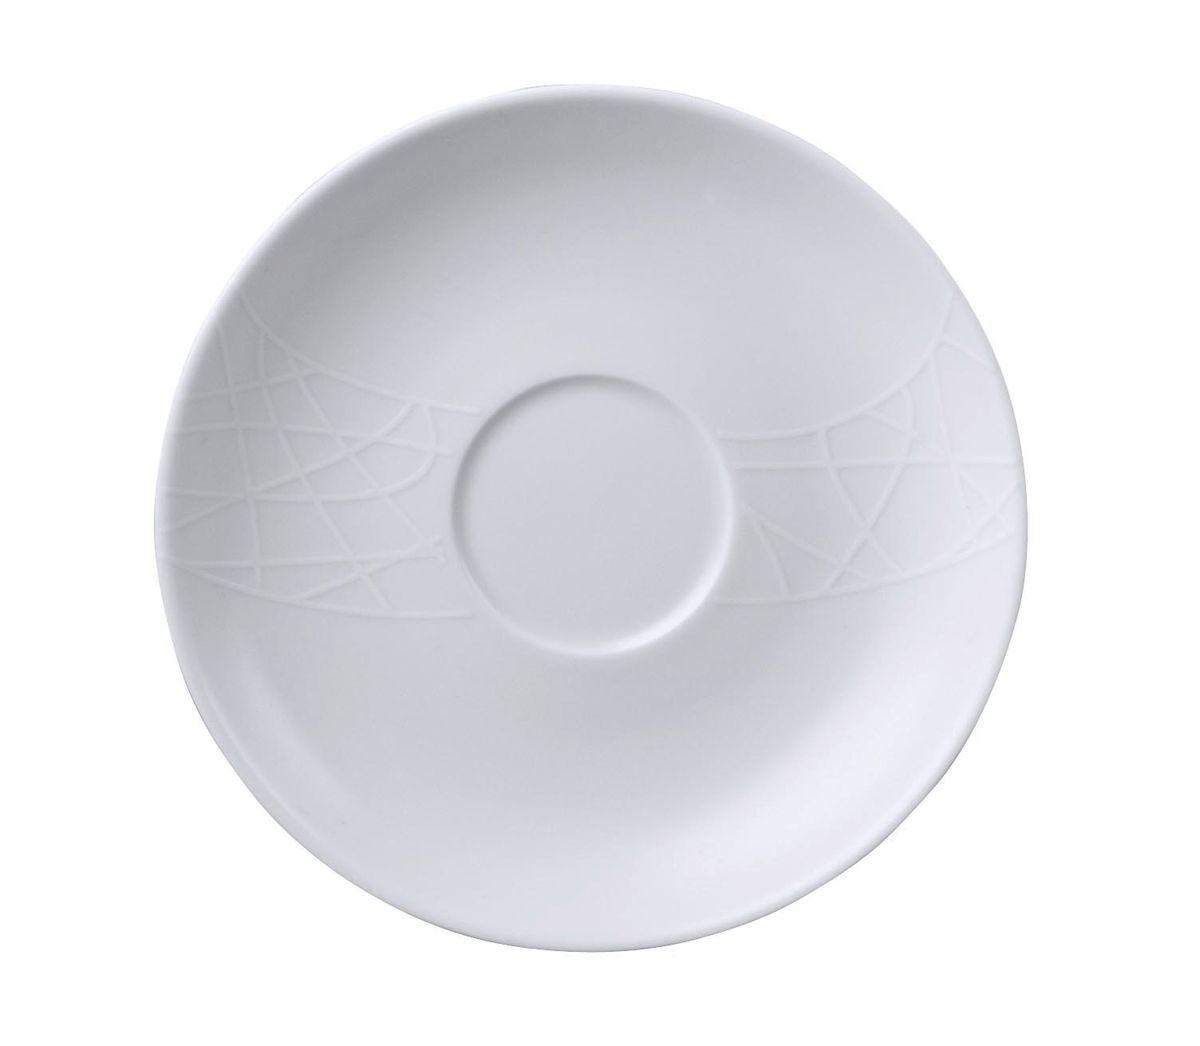 Блюдце чайное Churchill, диаметр 17 см. 670201801APRARN11019Джейми Оливер. Простой орнамент с тонкими текстурными линиями. Коллекция «Белое на белом» - лёгкий и непринуждённый стиль. Посуда этой коллекции износостойкая и ударопрочная.